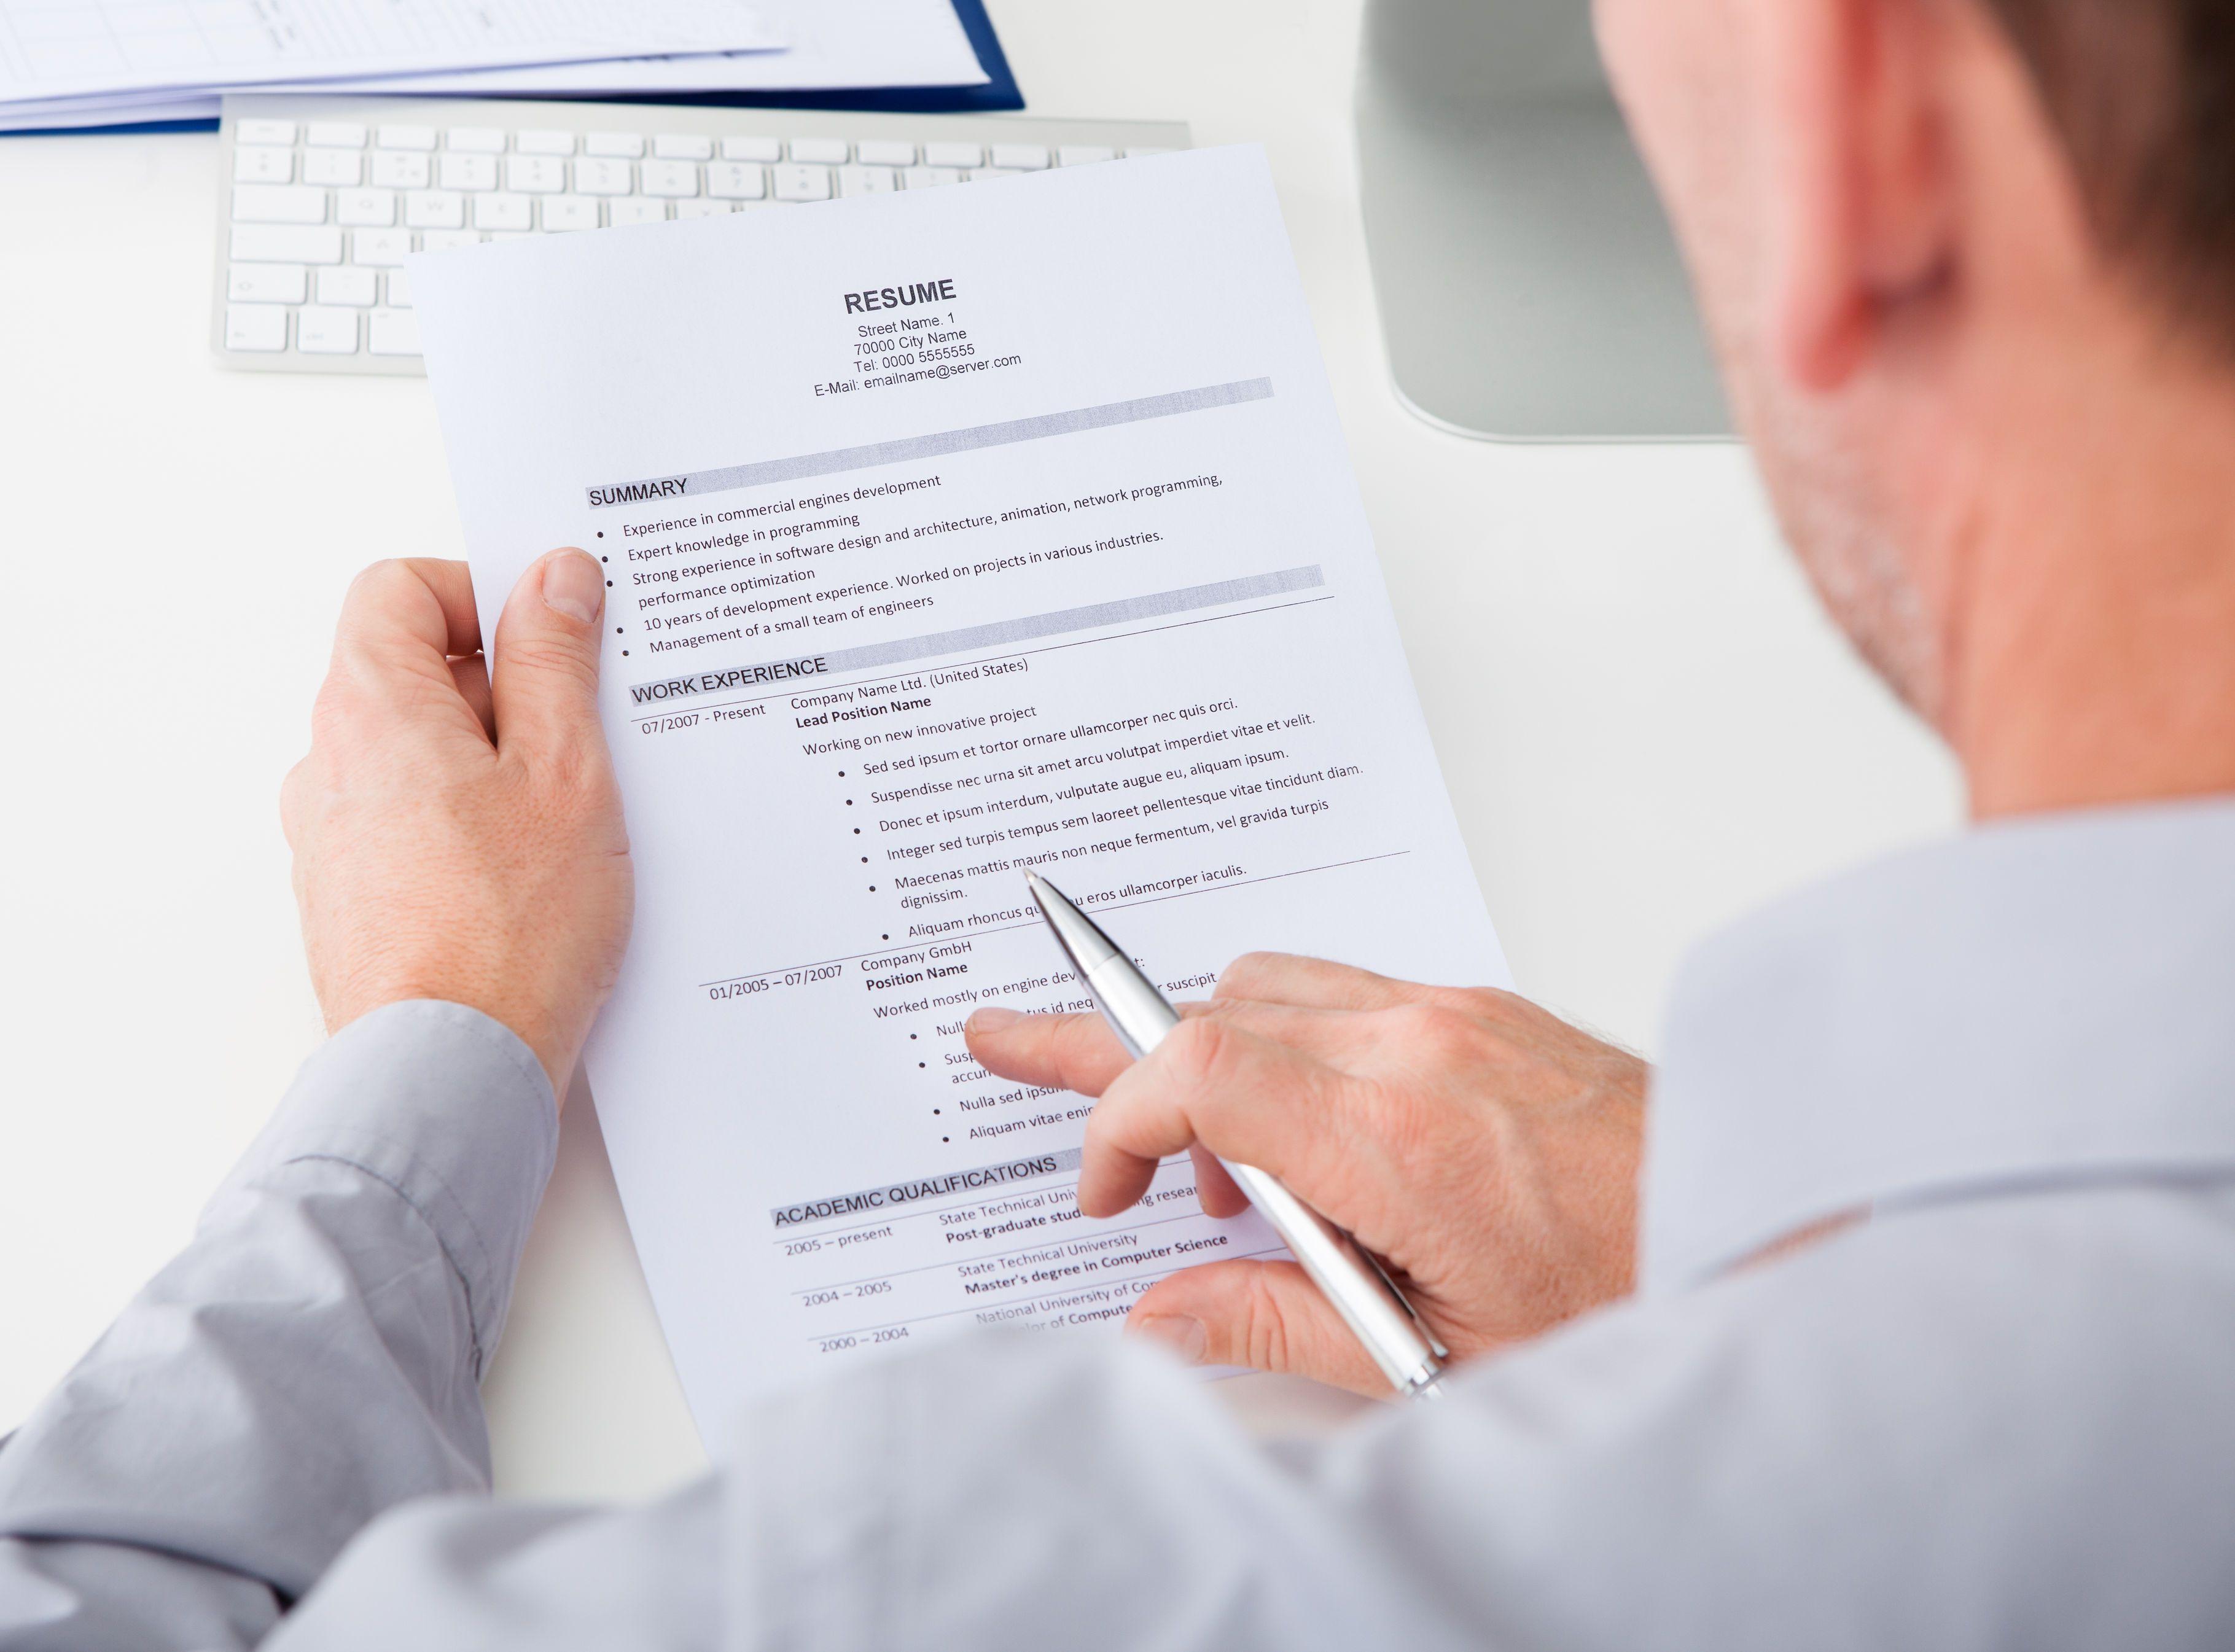 Poza și e-mailul: detaliile din CV care diferențiază ...